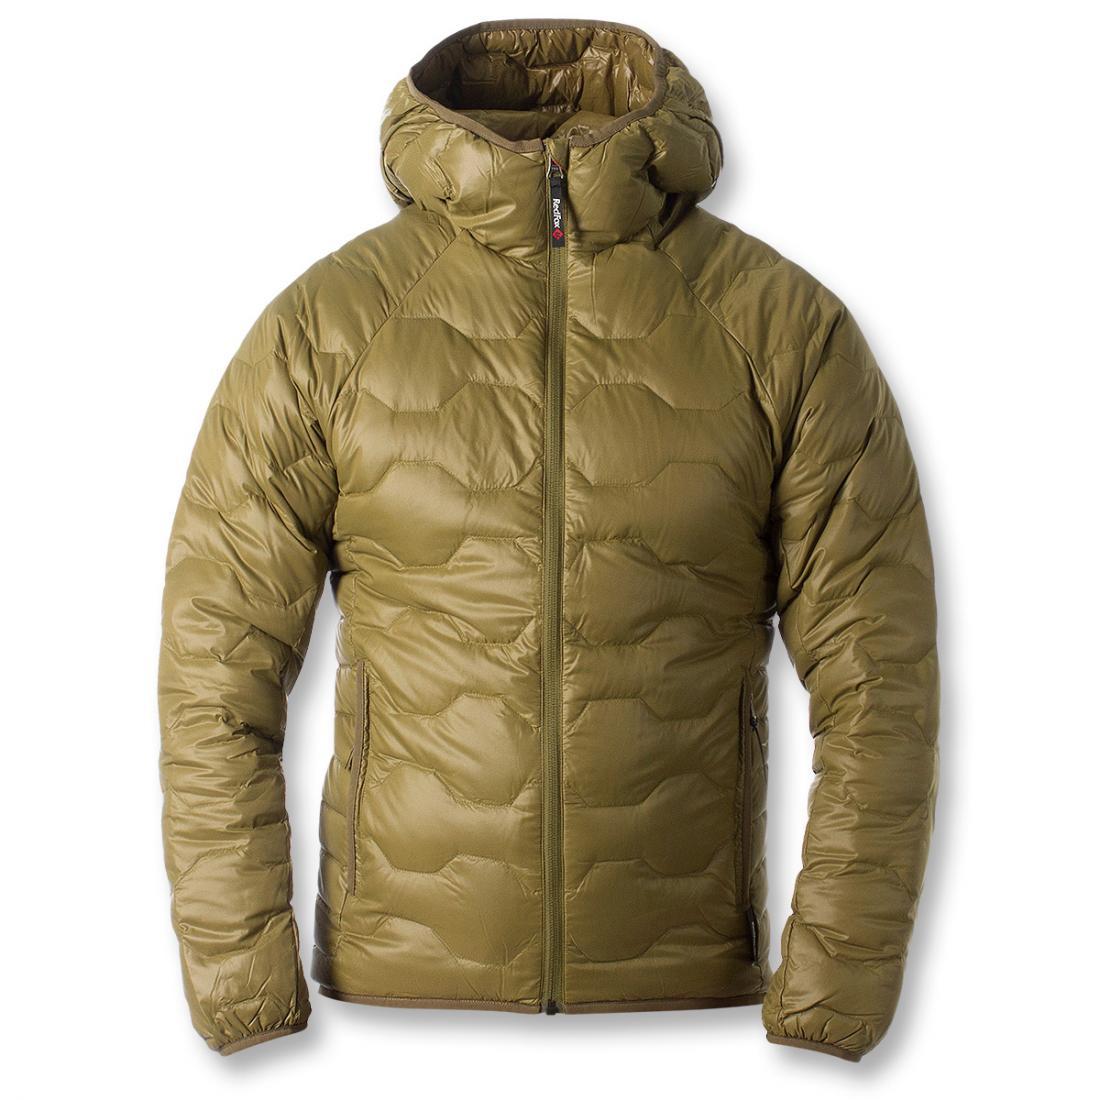 Куртка пуховая Belite III МужскаяКуртки<br><br> Легкая пуховая куртка с элементами спортивного дизайна. Соотношение малого веса и высоких тепловых свойств позволяет двигаться активно в течении всего дня. Может быть надета как на тонкий нижний слой, так и на объемное изделие второго слоя.<br><br>...<br><br>Цвет: Зеленый<br>Размер: 52